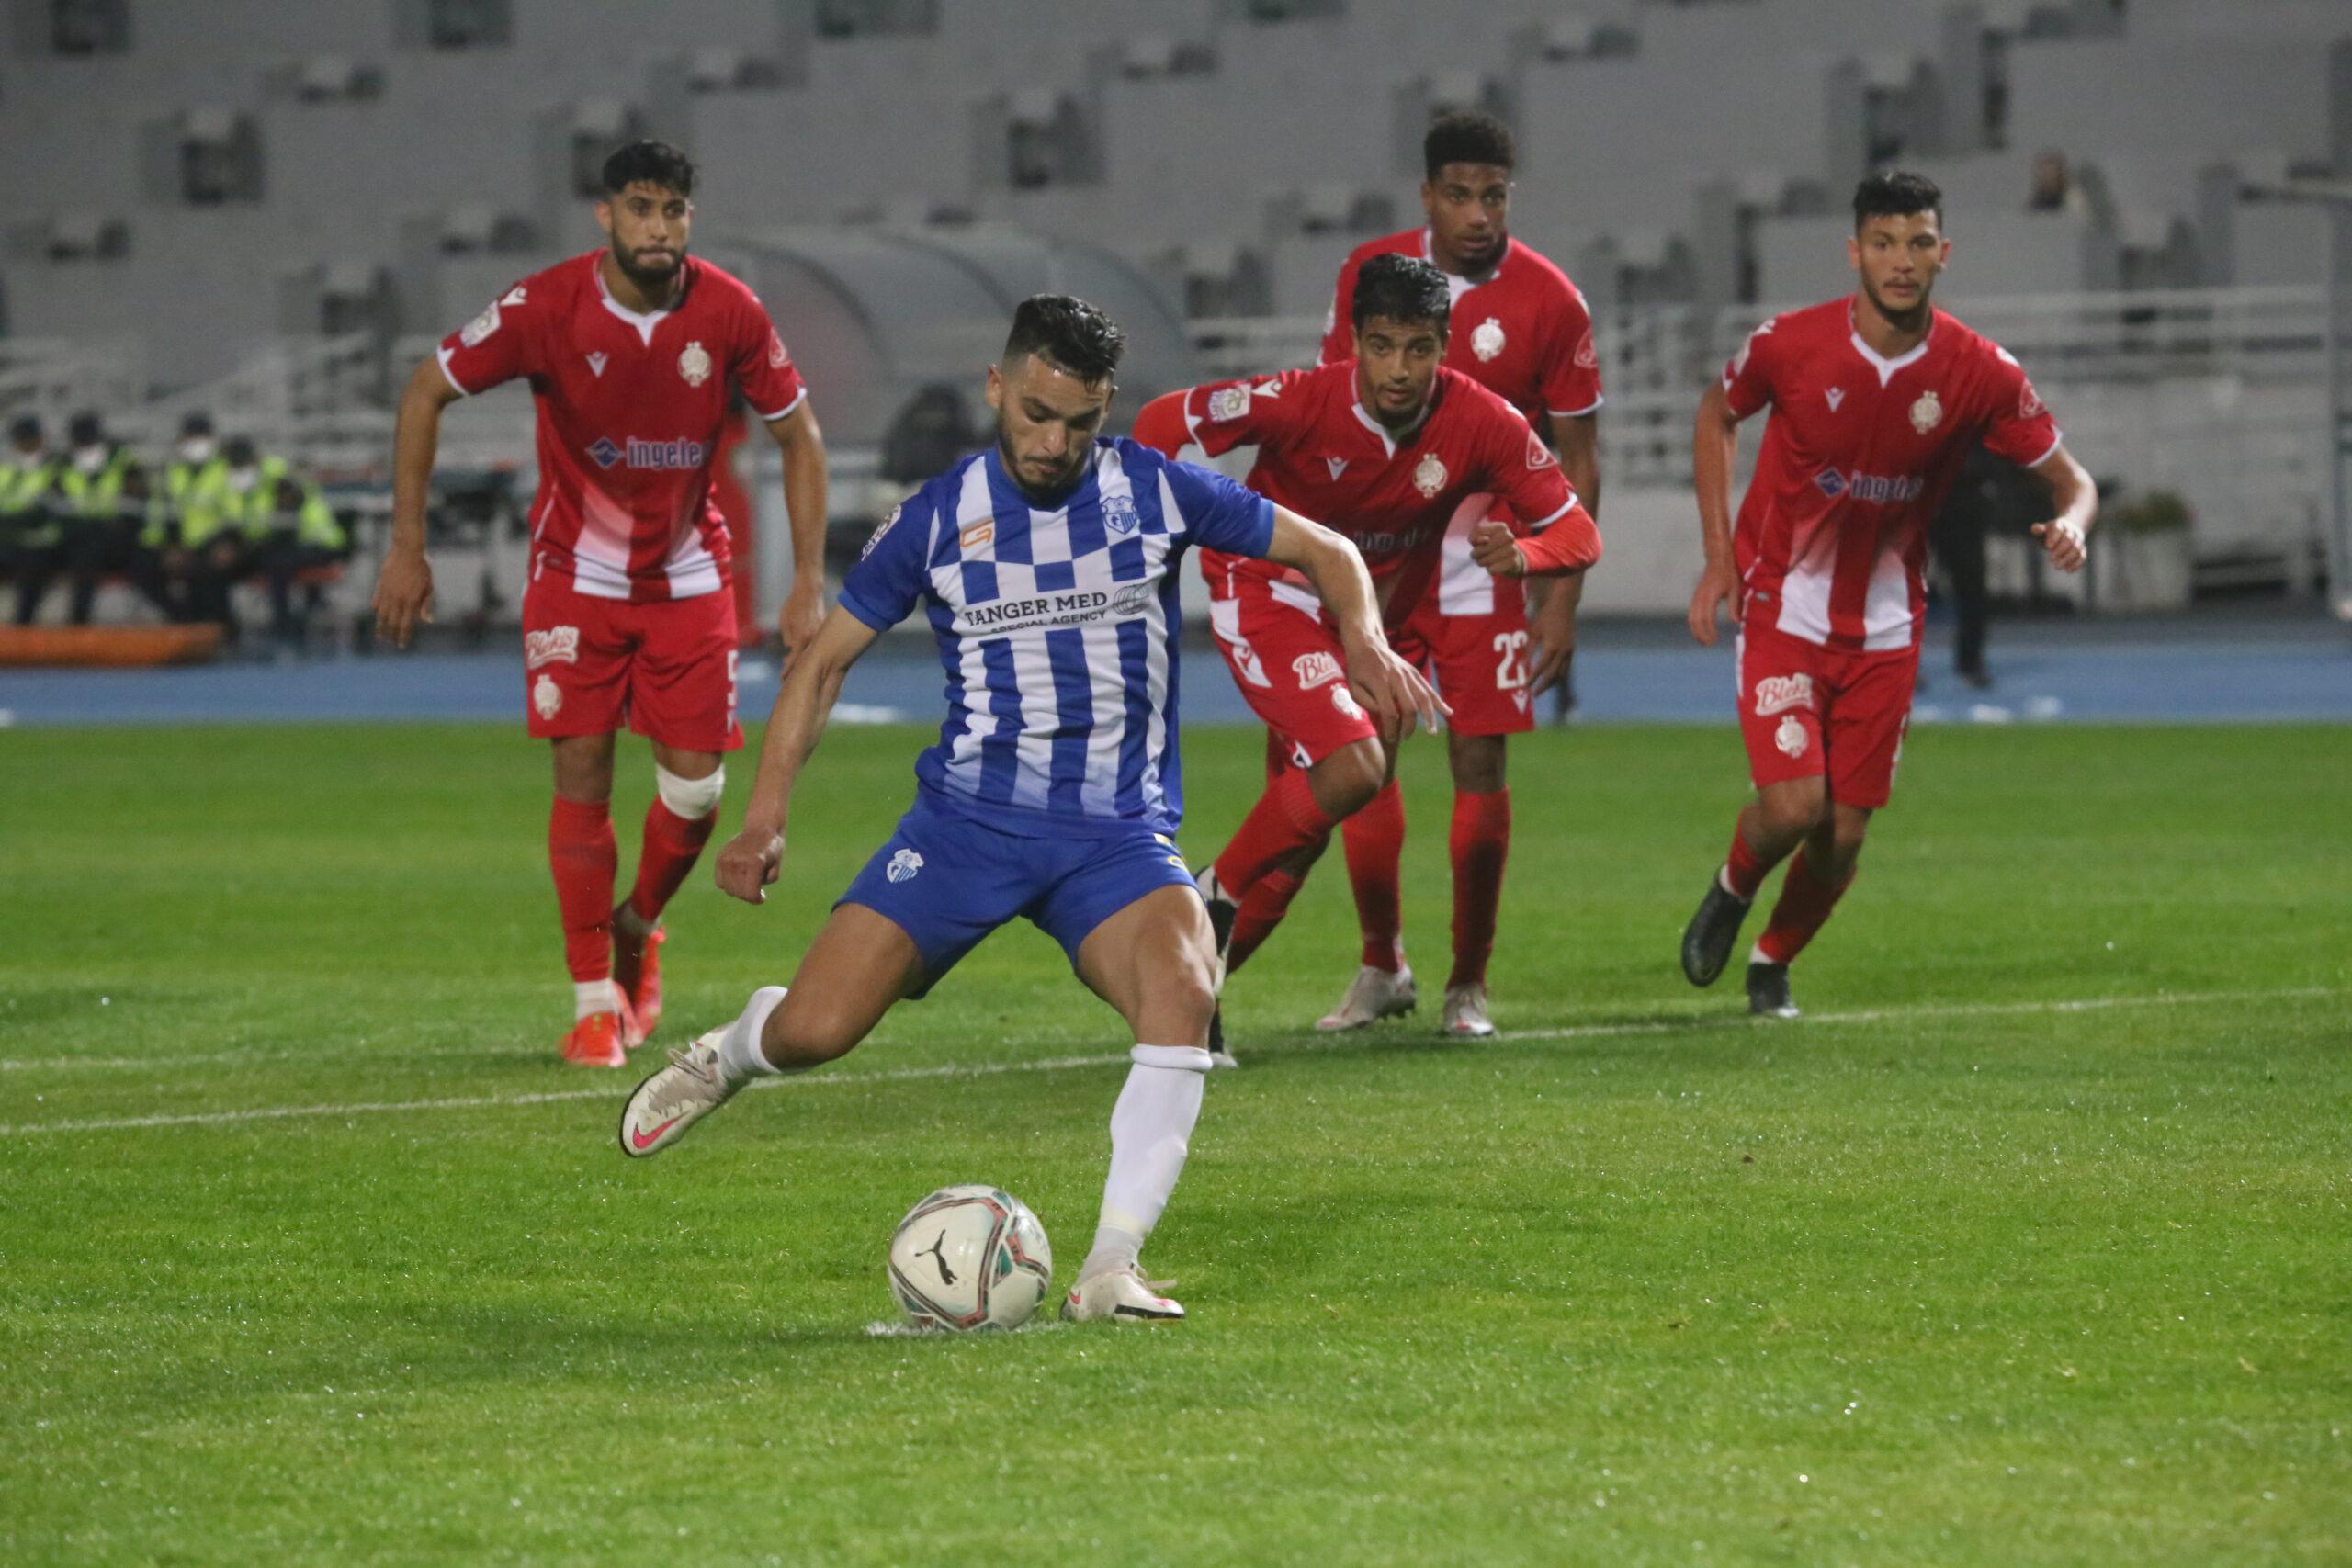 البطولة الاحترافية | اتحاد طنجة يقتنص فوزا مهما أمام الوداد الرياضي